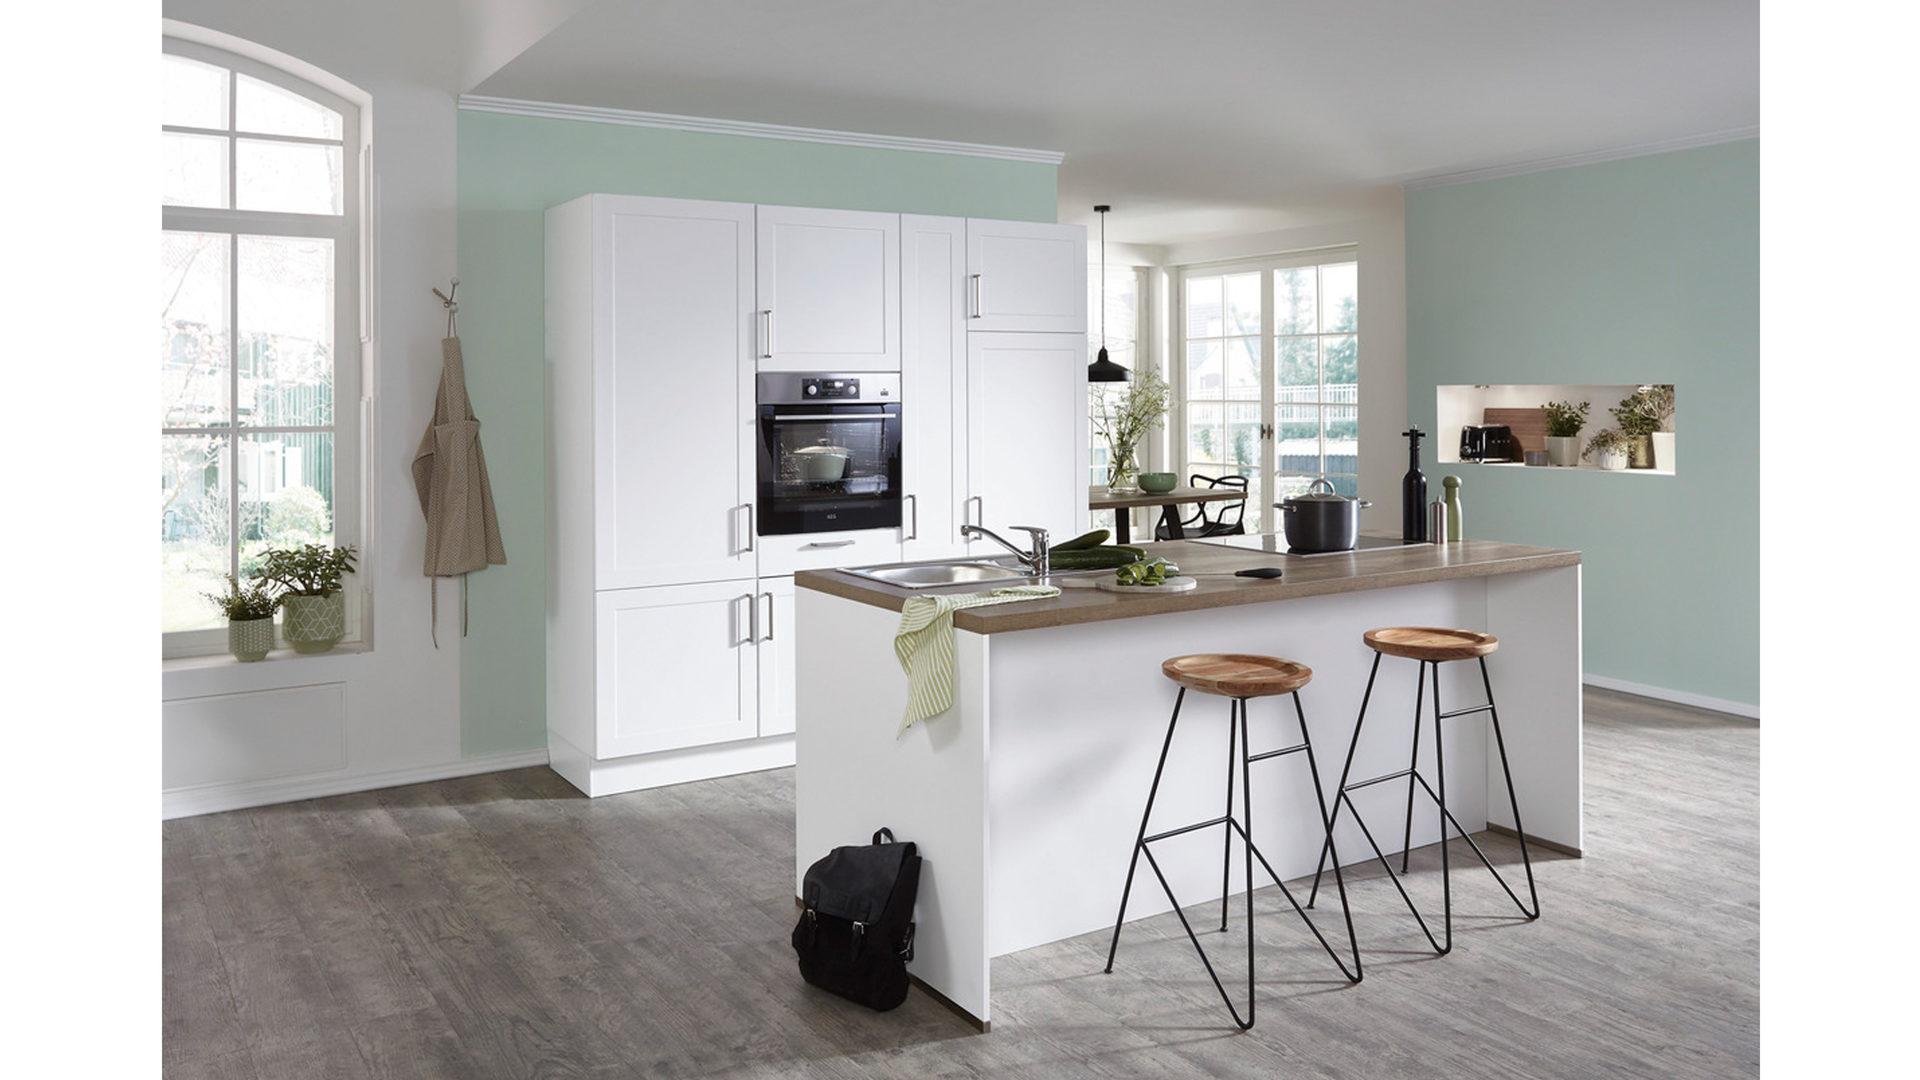 Möbel Herzer St. Ingbert, Räume, Küche, Einbauküche, Einbauküche mit ...